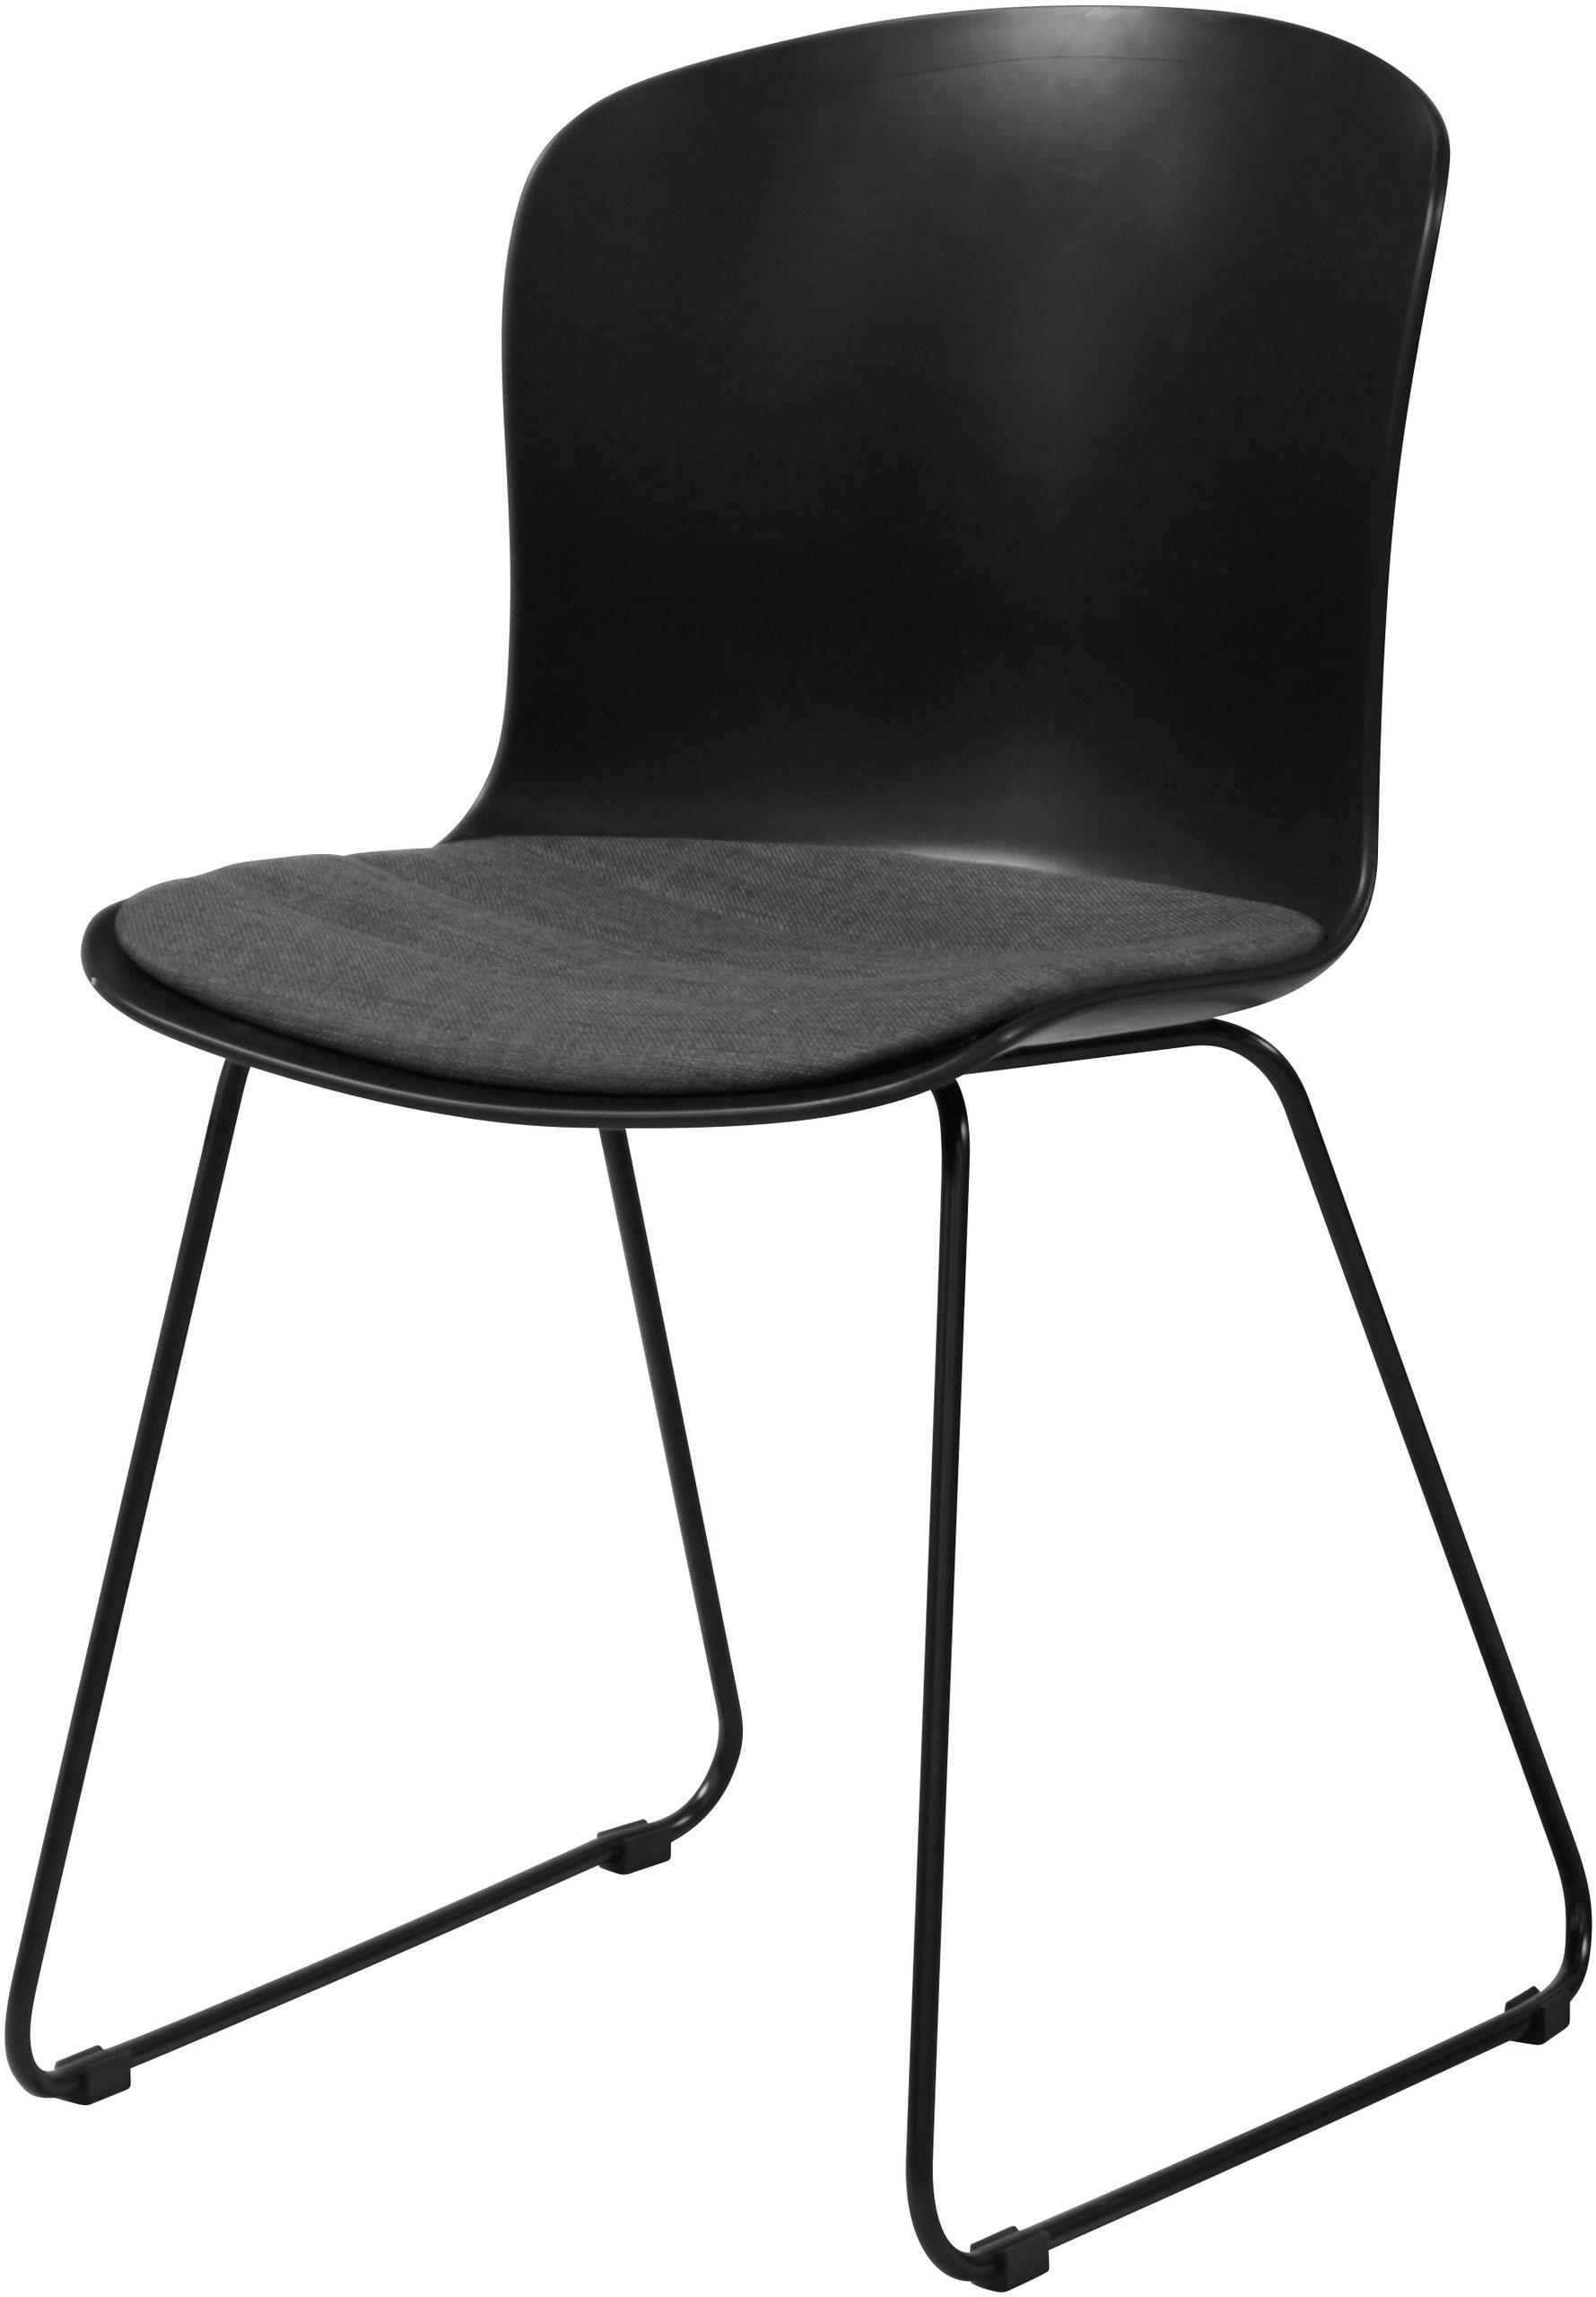 Interstil Eetkamerstoel 'Story 40', kleur zwart  vergelijken doe je het voordeligst hier bij Meubelpartner